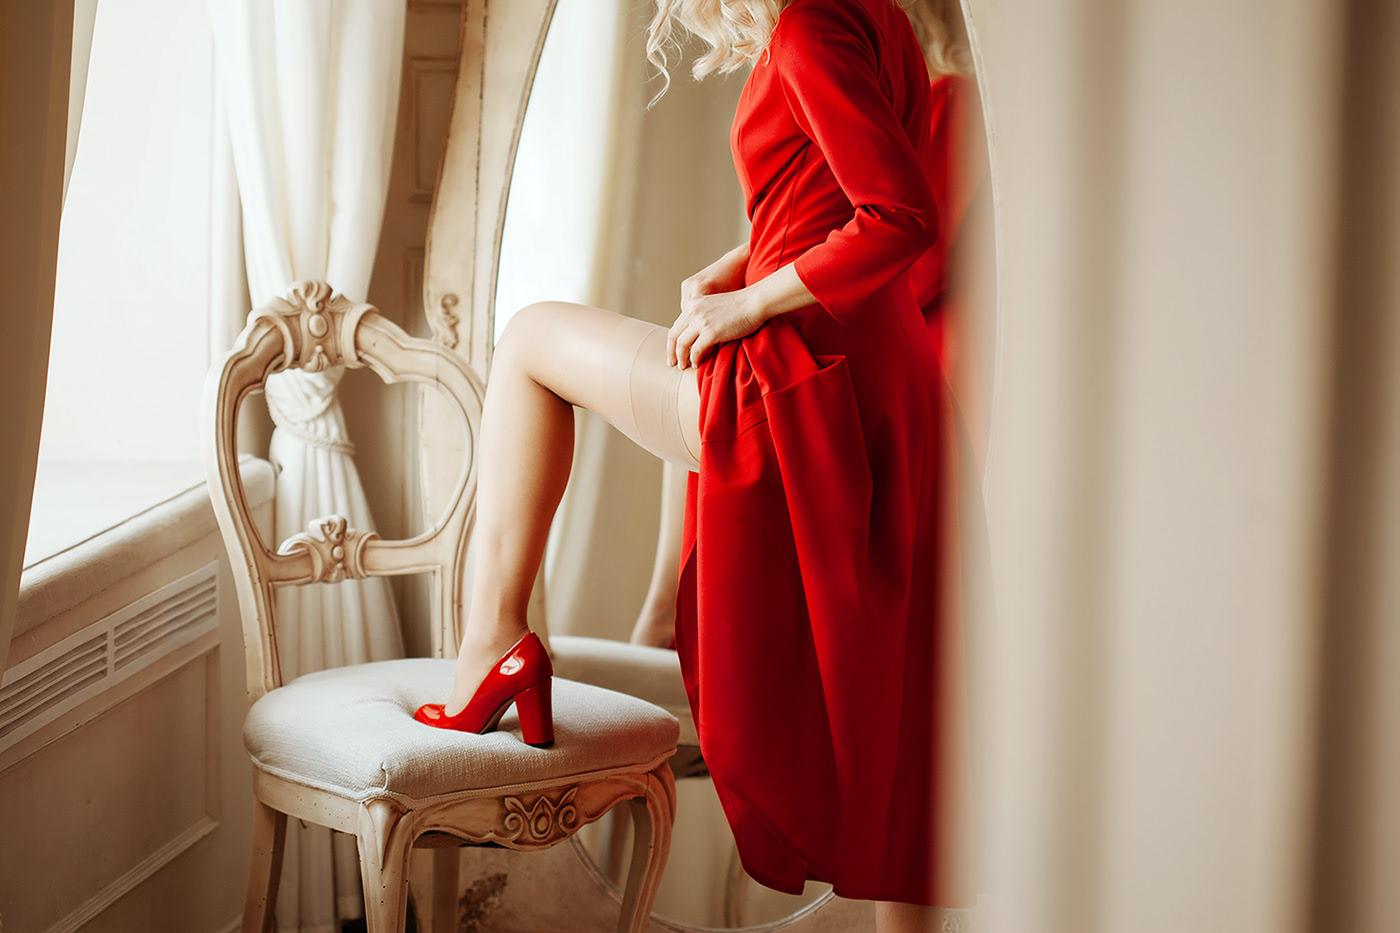 Marina / фотограф Lina Aster